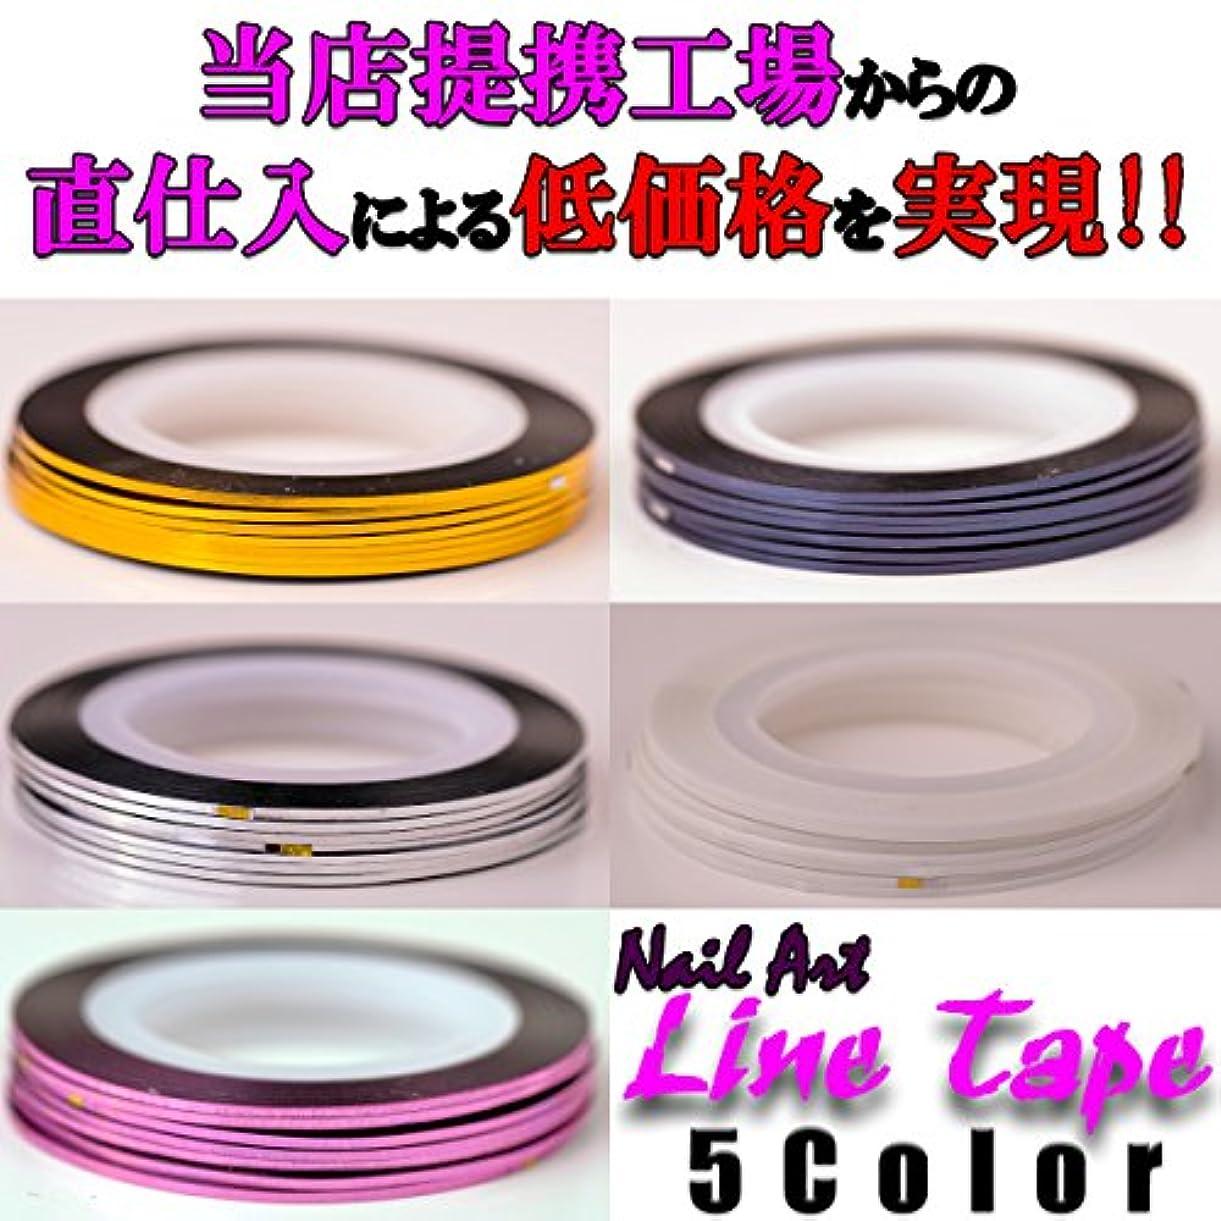 散髪東ティモール膨張するネイルアート用 ラインテープ ストライピングテープ 定番5色セット(パッケージ入り)